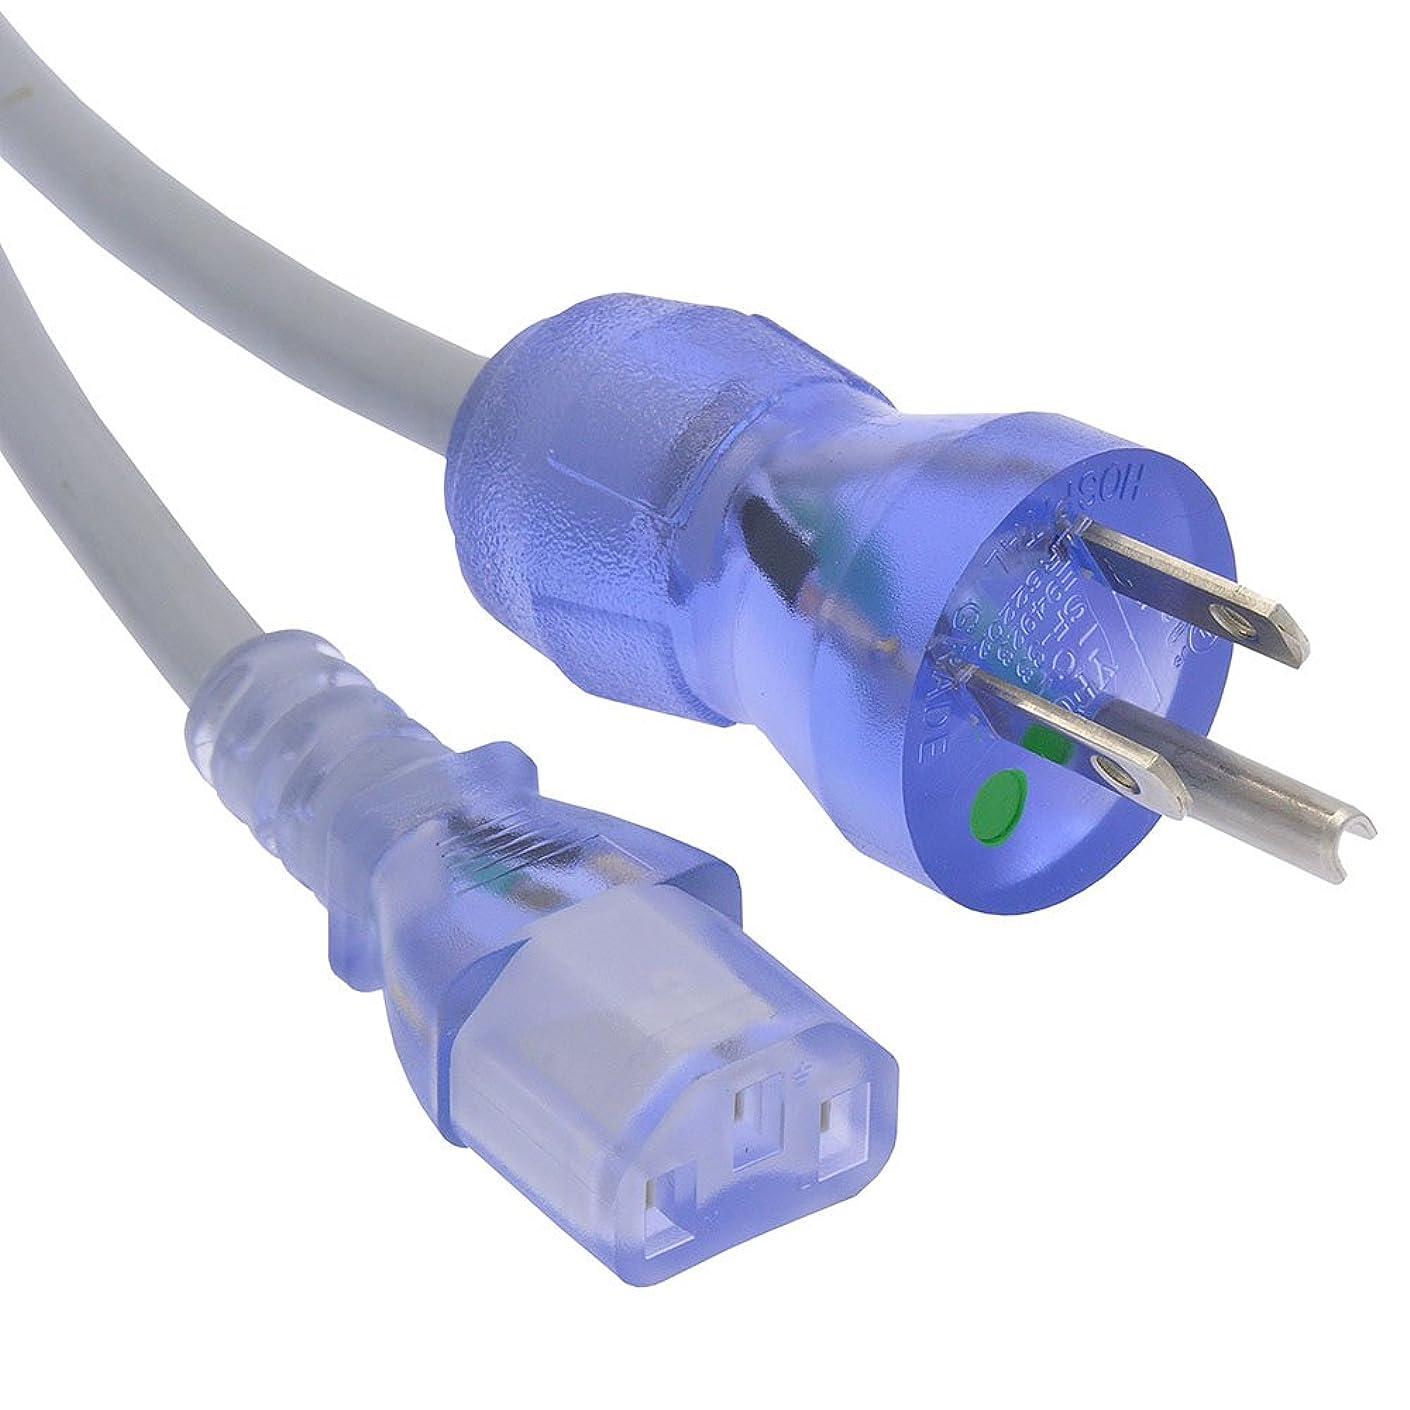 加速するよく話される治世GOWOS (100個パック) 3フィート 病院グレード 電源コード 5-15P - C13 SJT 18/3 クリアブルー